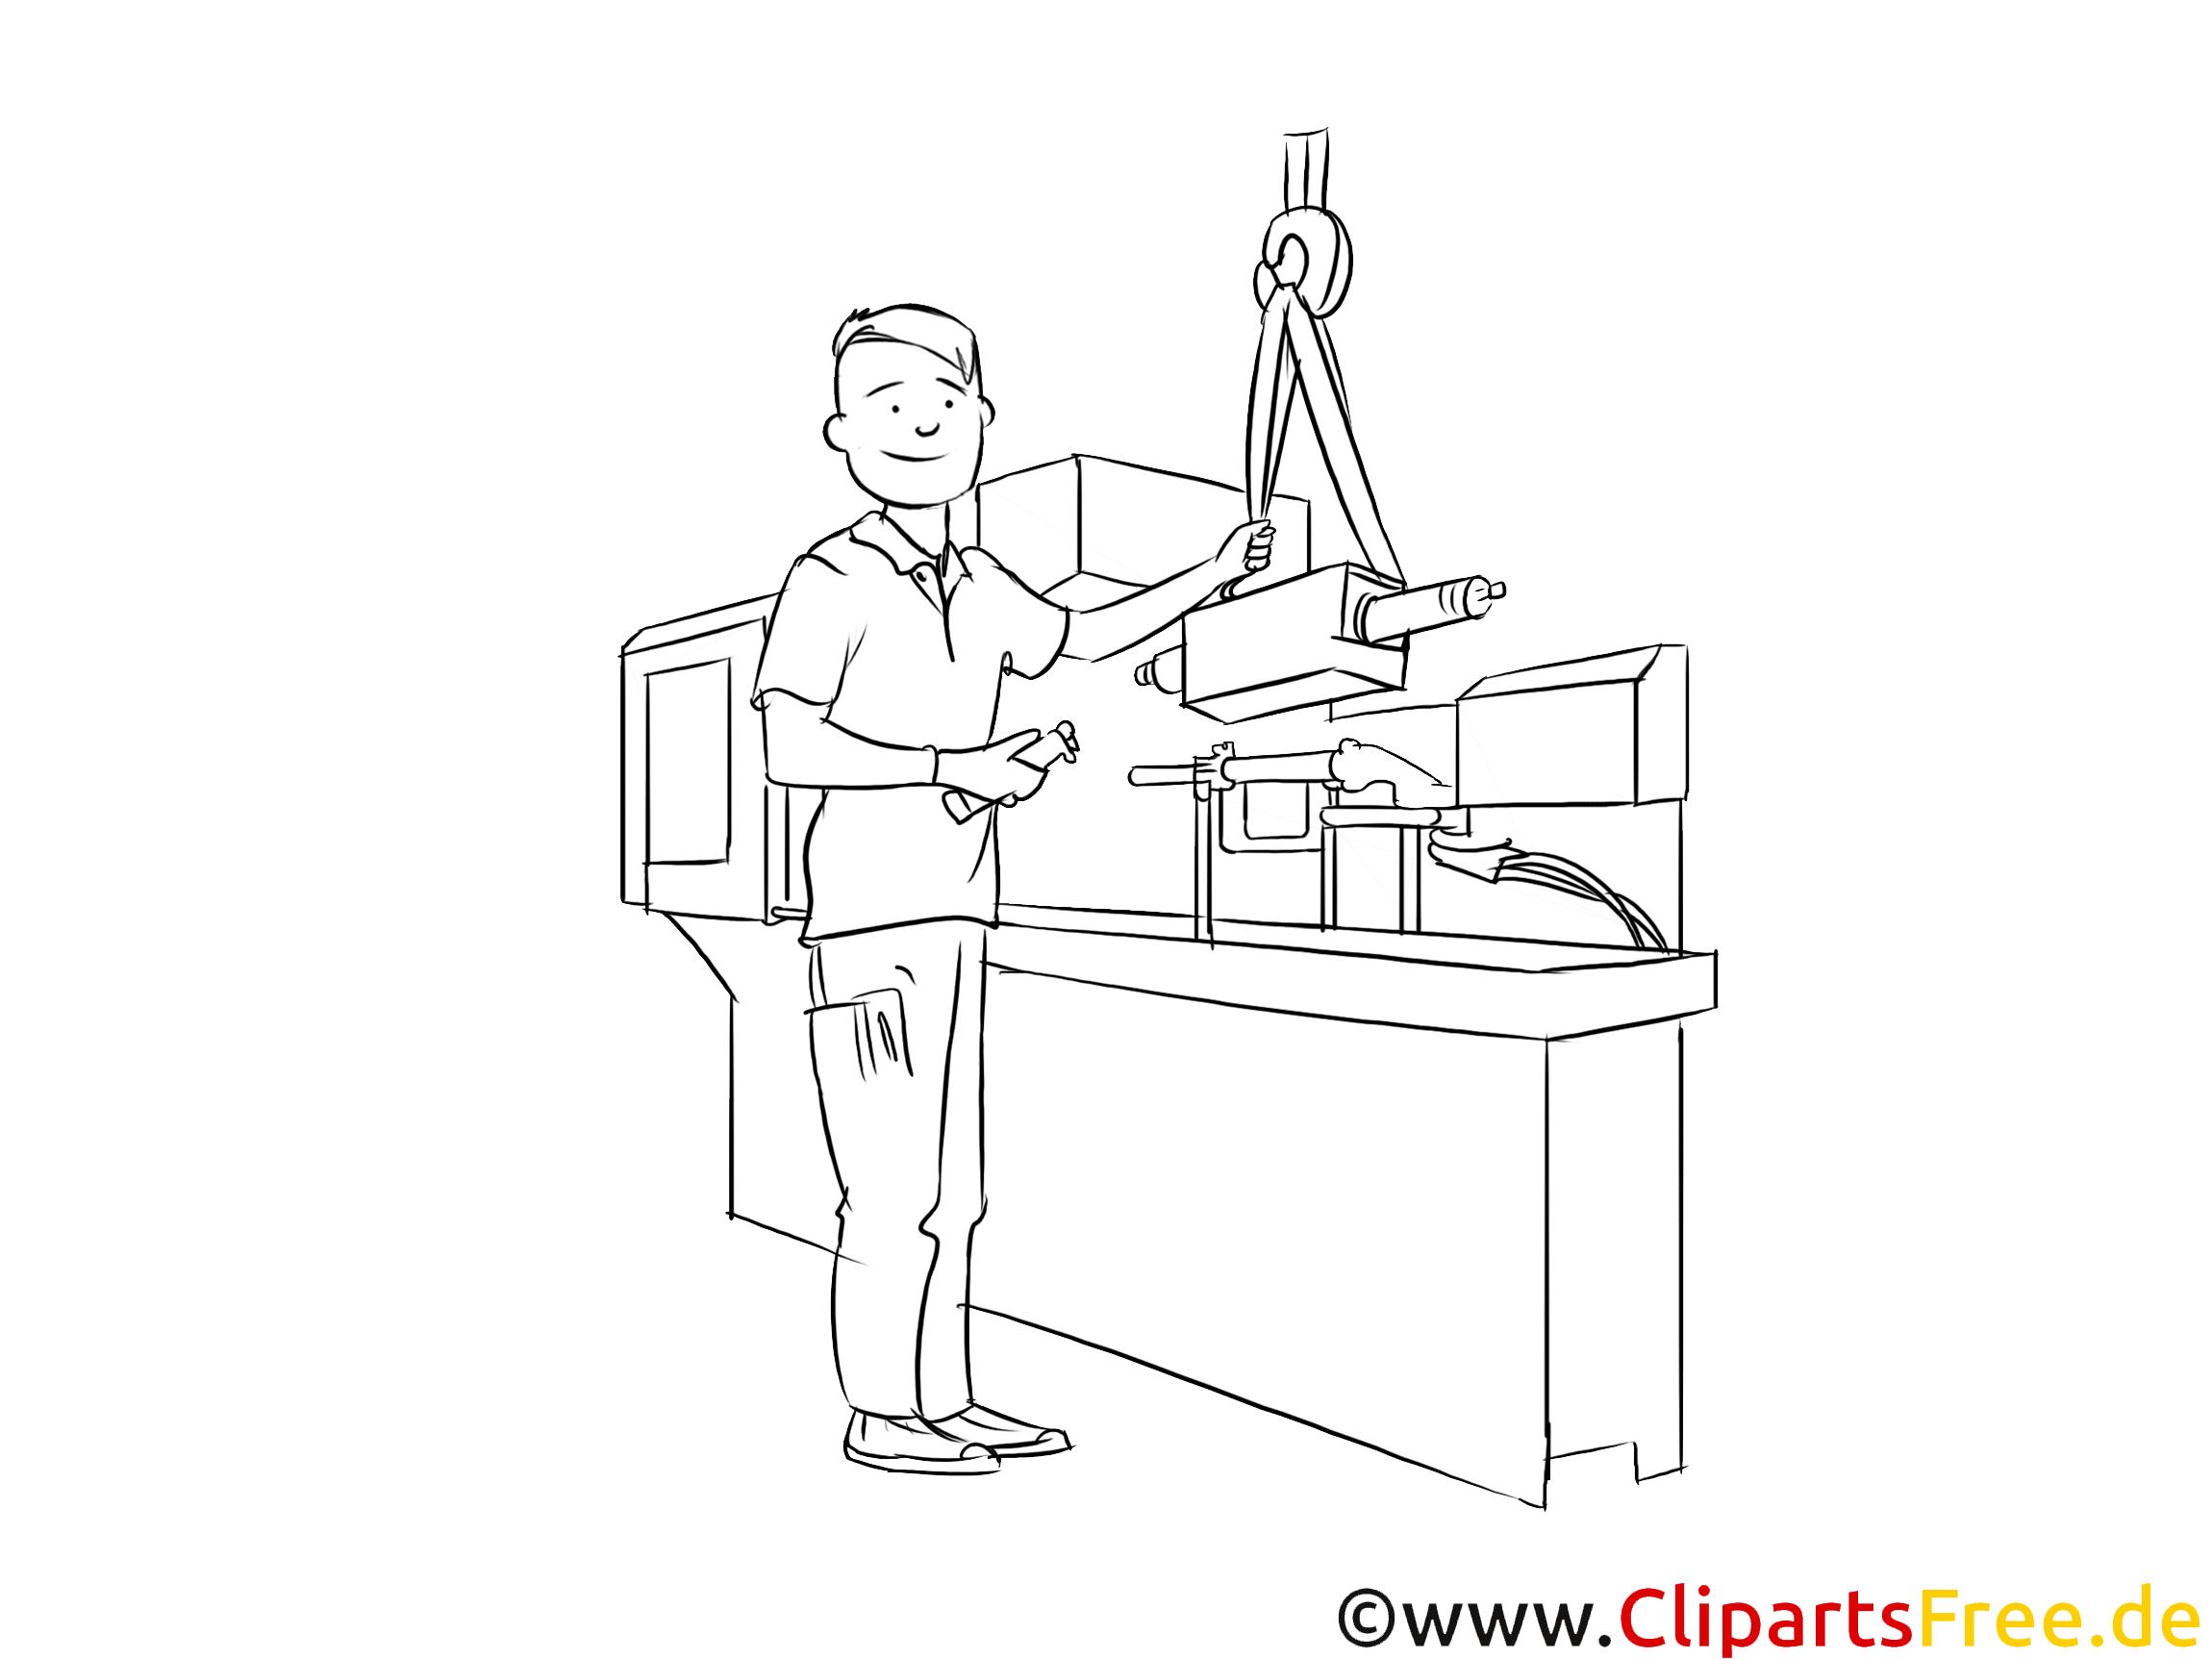 Verfahrensmechaniker druckbare schwarz-weiße Cliparts, Grafiken zum Thema Berufe